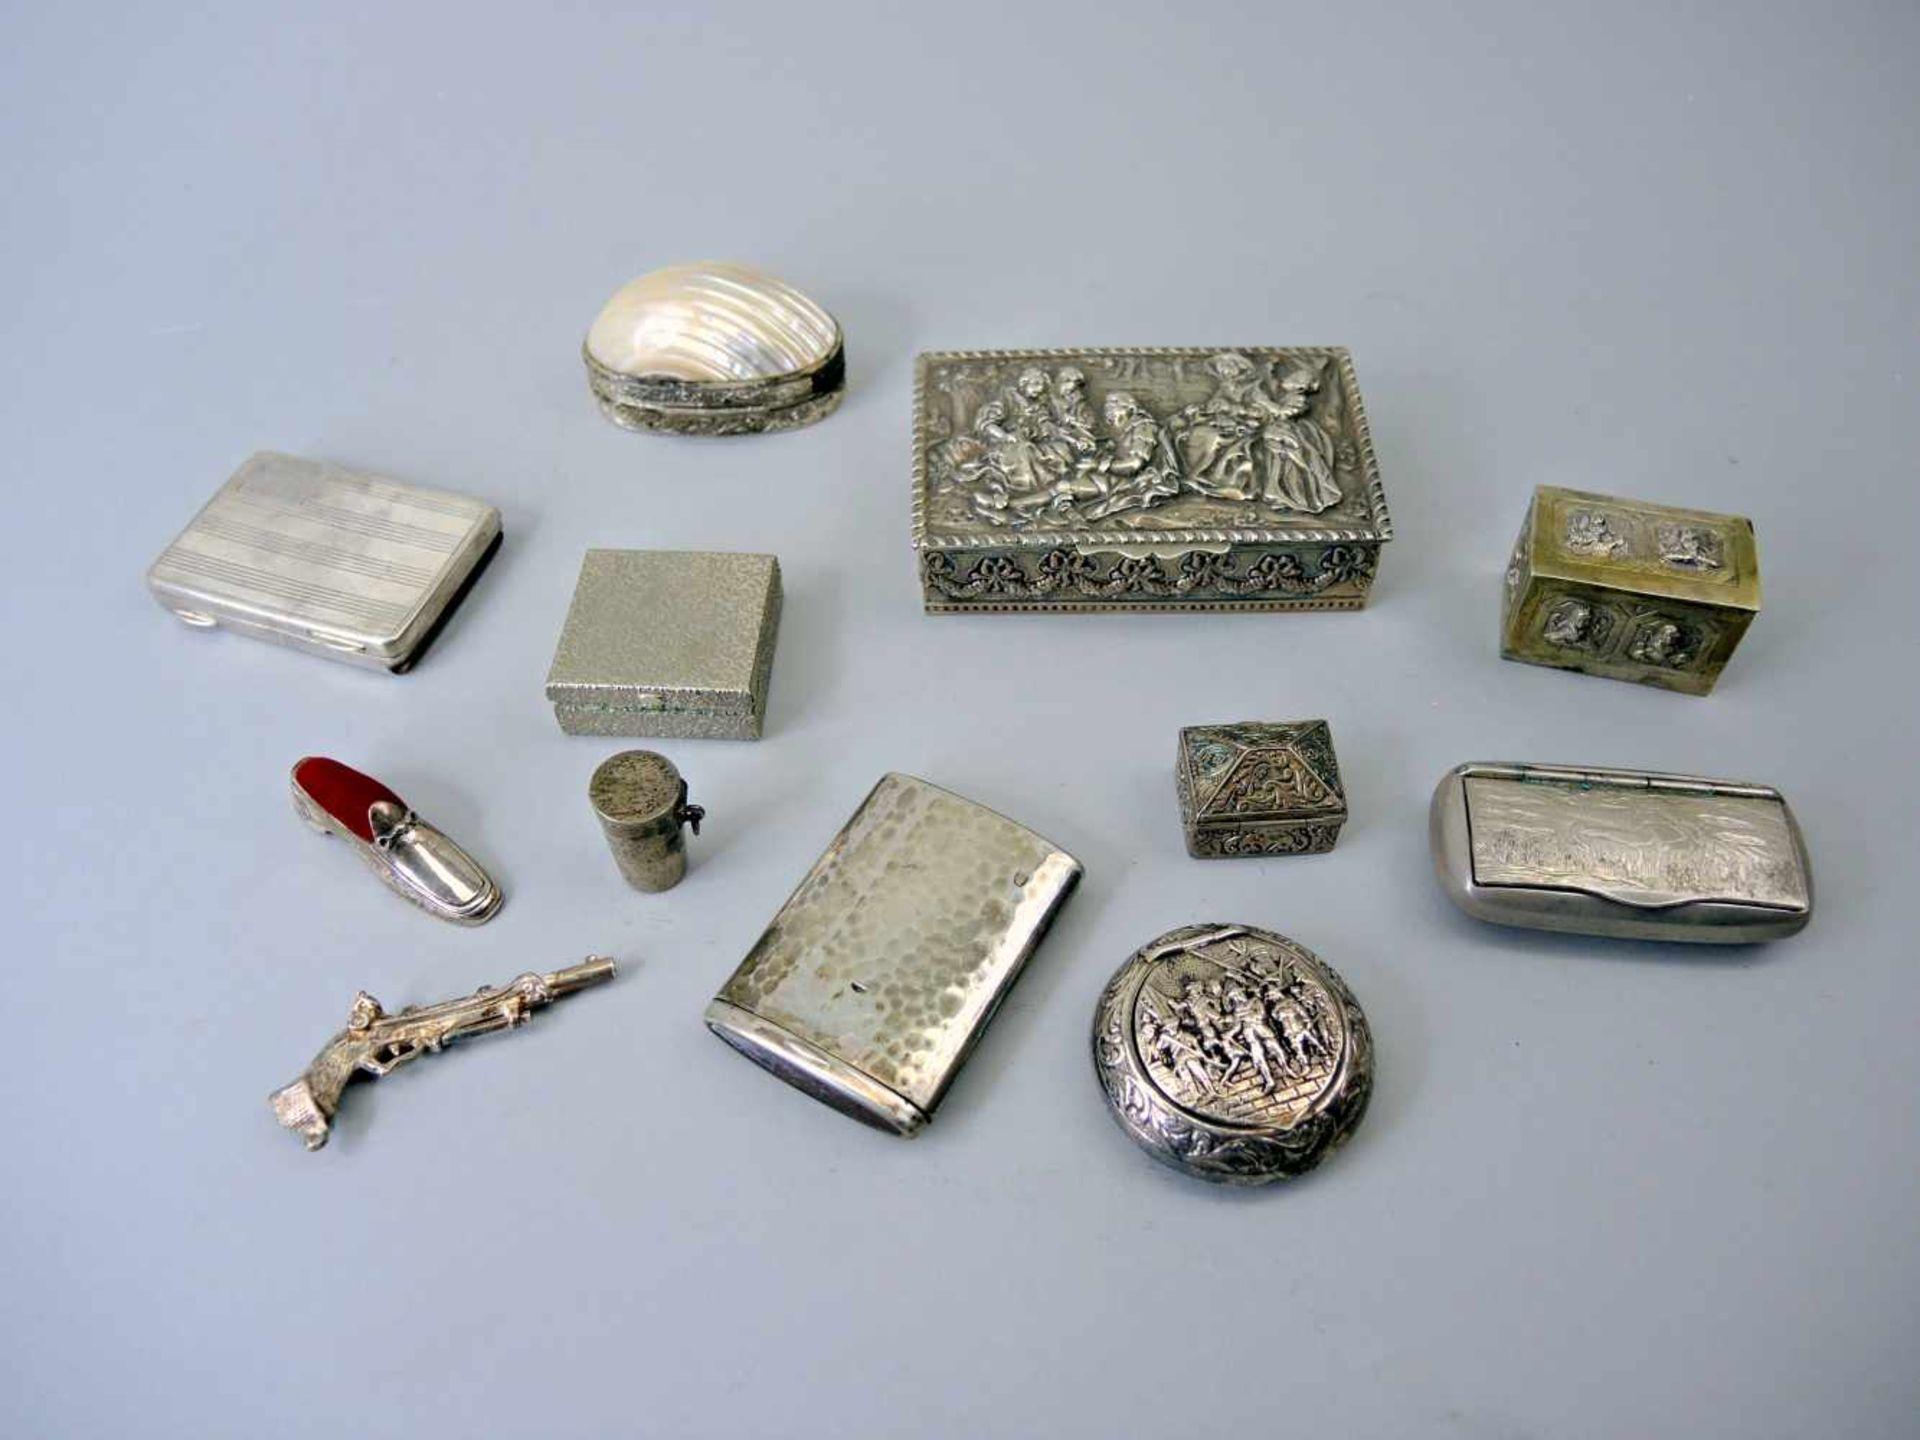 Los 48 - Konvolut von Dosen und KleinsilberMetall/überwiegend Silber mit untersch. Feingehalten, teils